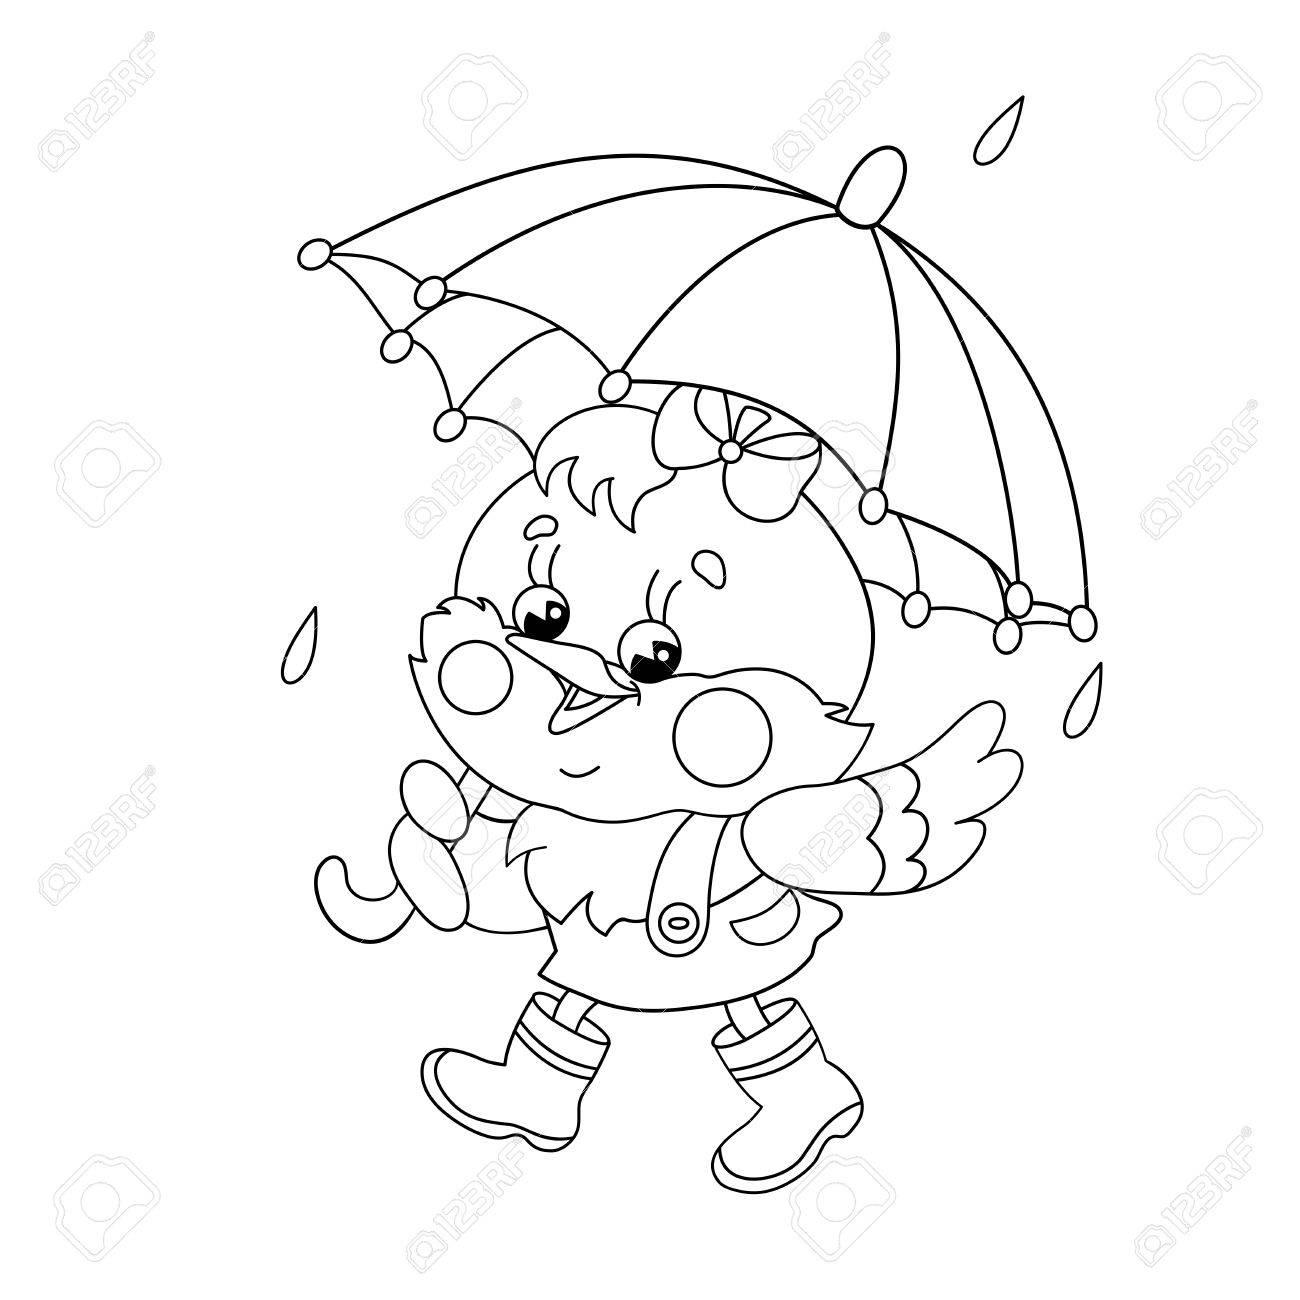 Malvorlagen Umriss Eines Glücklichen Huhn Zu Fuß In Der Regen Mit ...